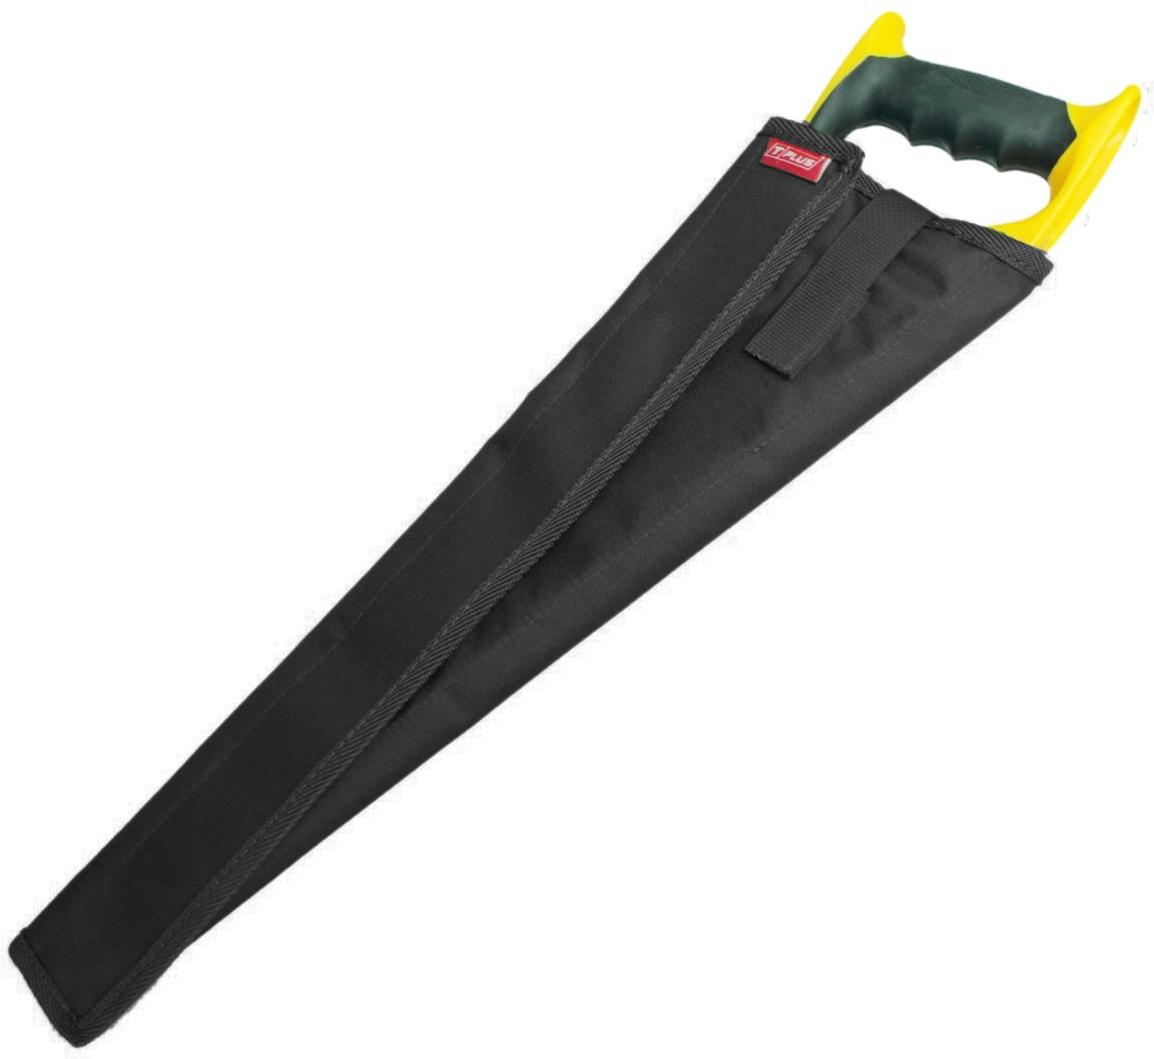 Чехол для ножовки Tplus, кордура 900, цвет: черный, 35 см